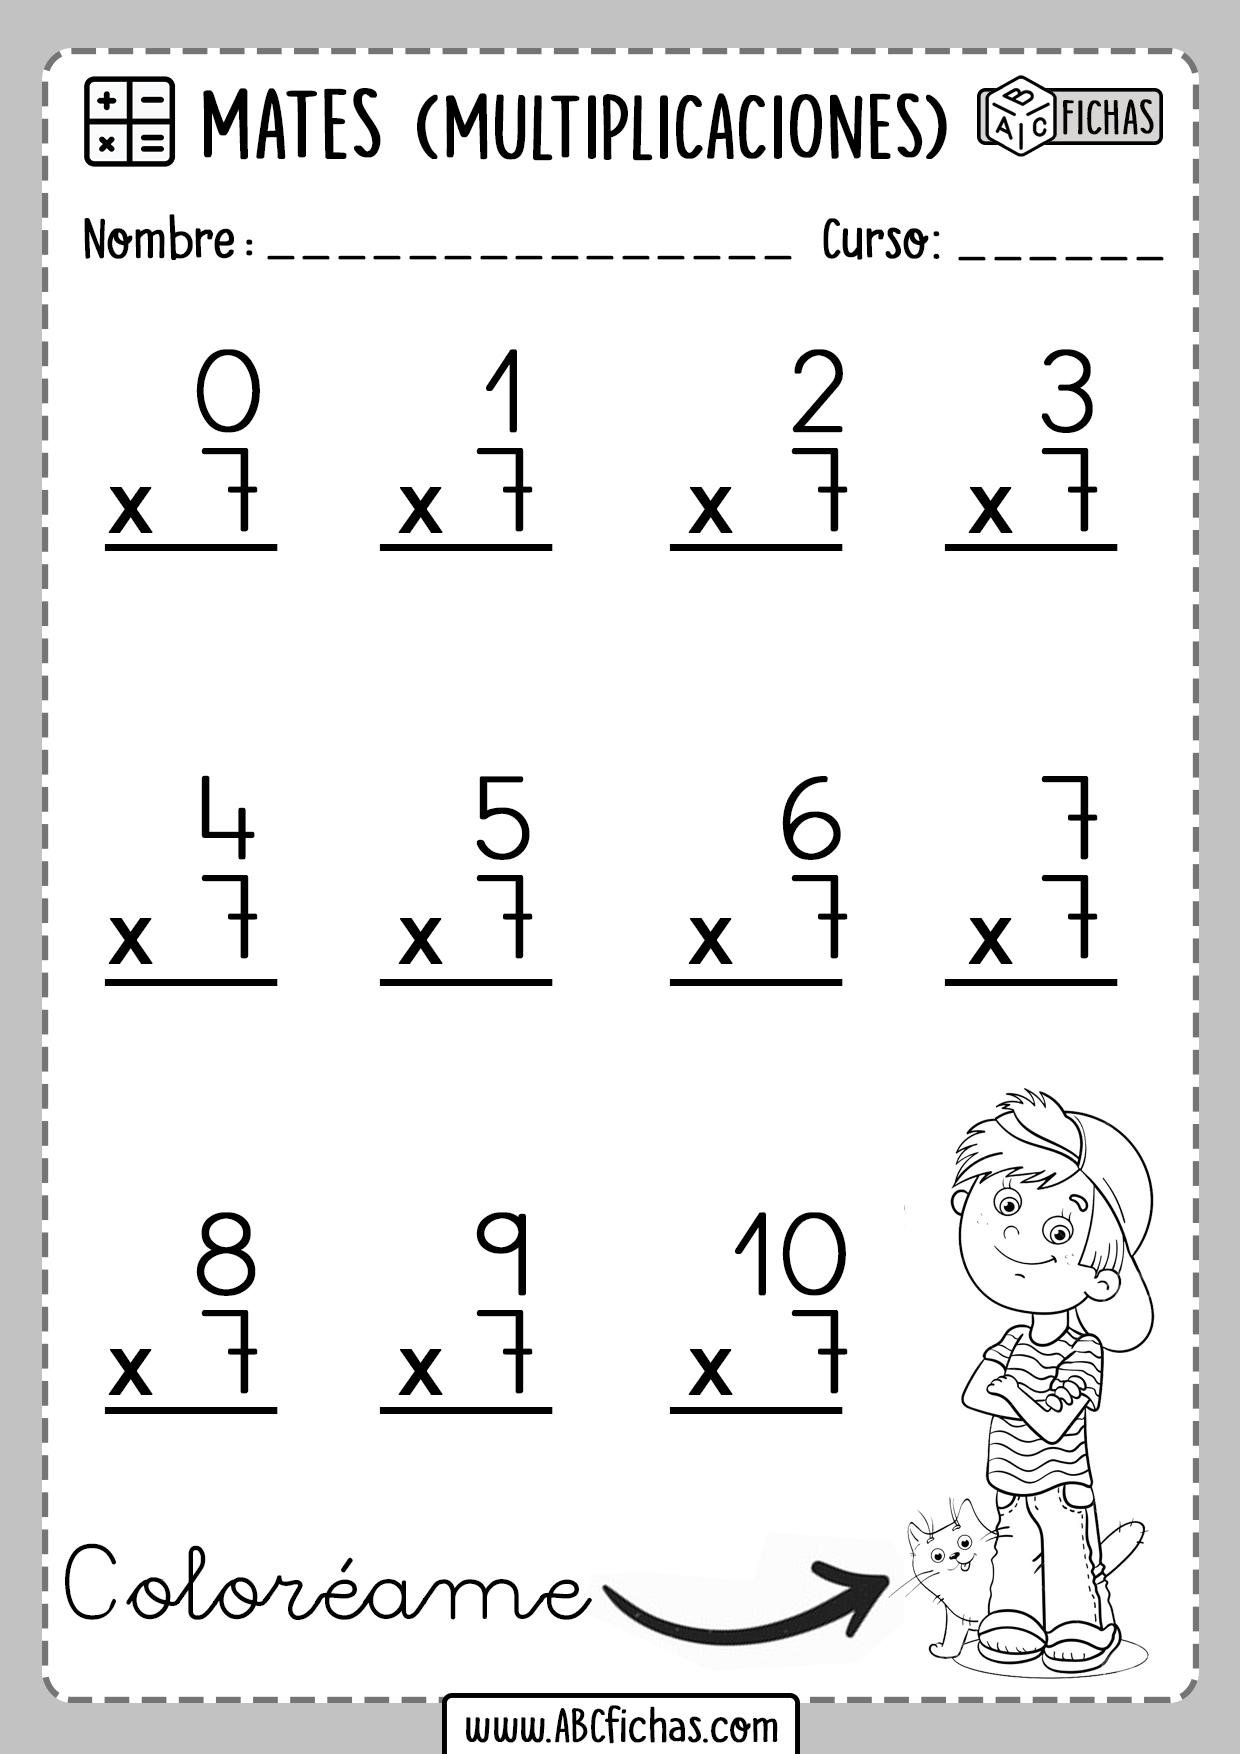 Fichas de Matematicas Multiplicaciones Tabla del 7